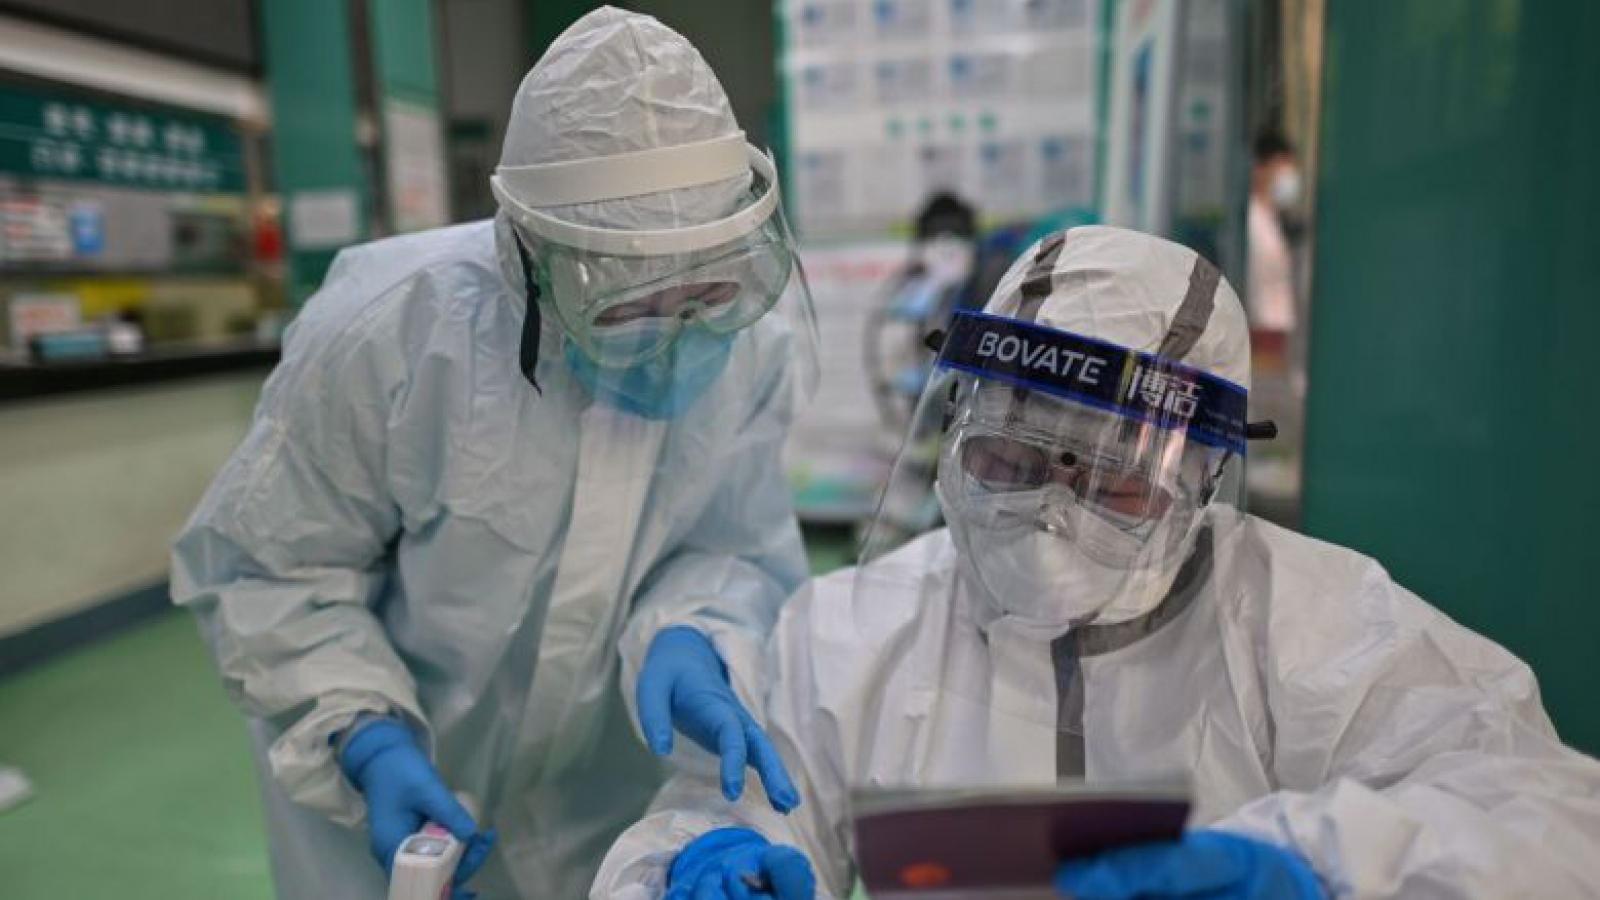 Nghiên cứu mới về nguy cơ SARS-CoV-2 lây nhiễm trong không khí